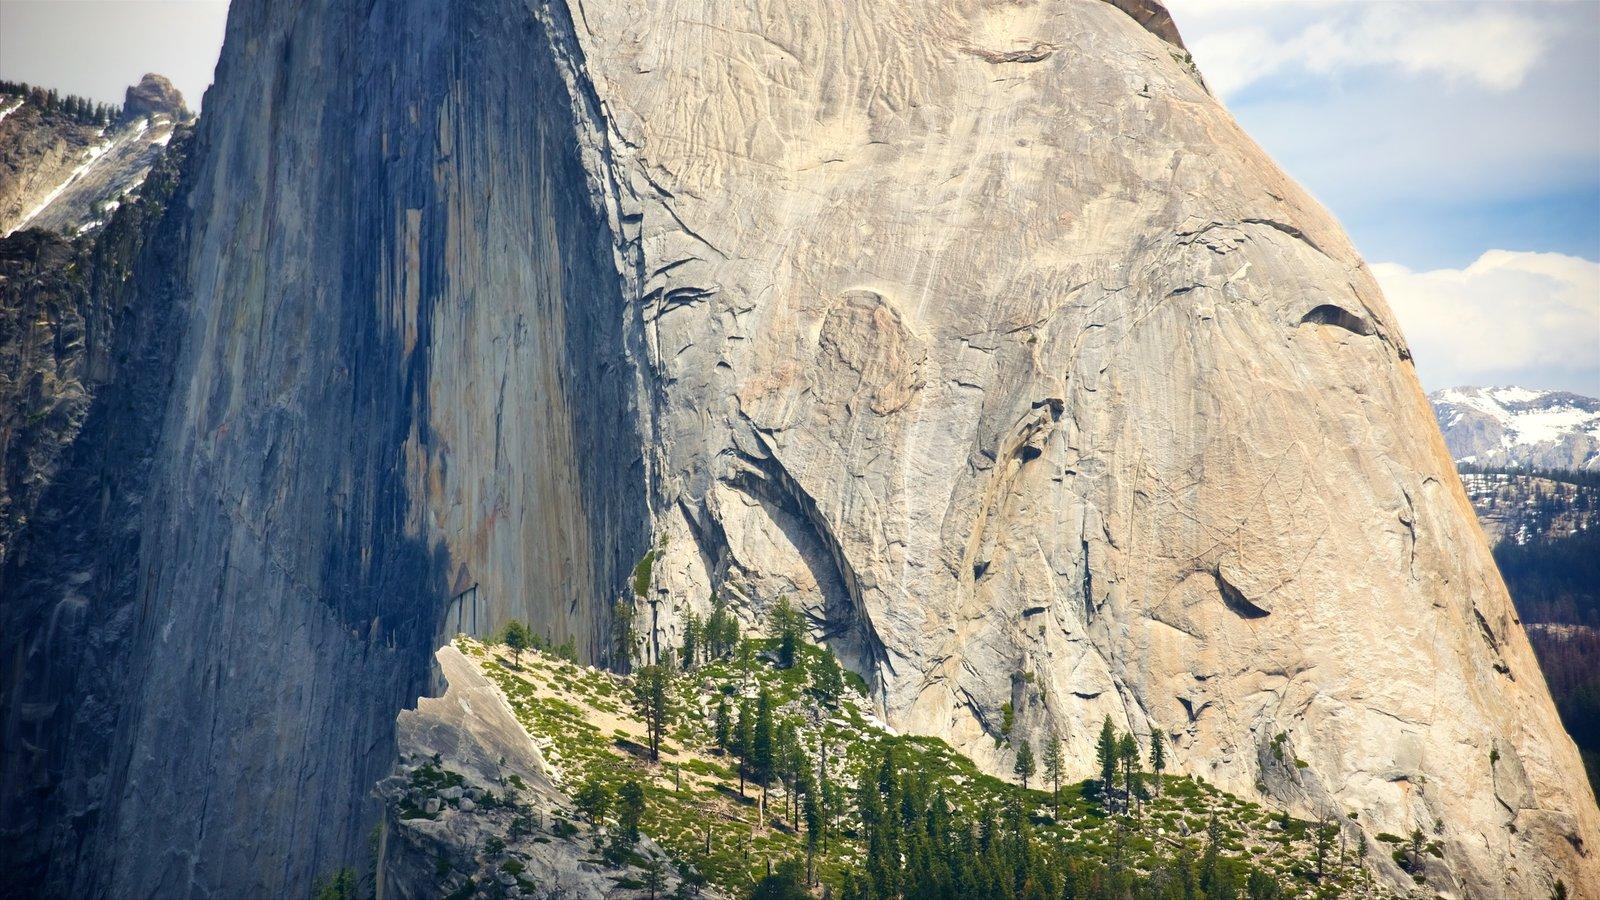 Glacier Point caracterizando montanhas e cenas tranquilas